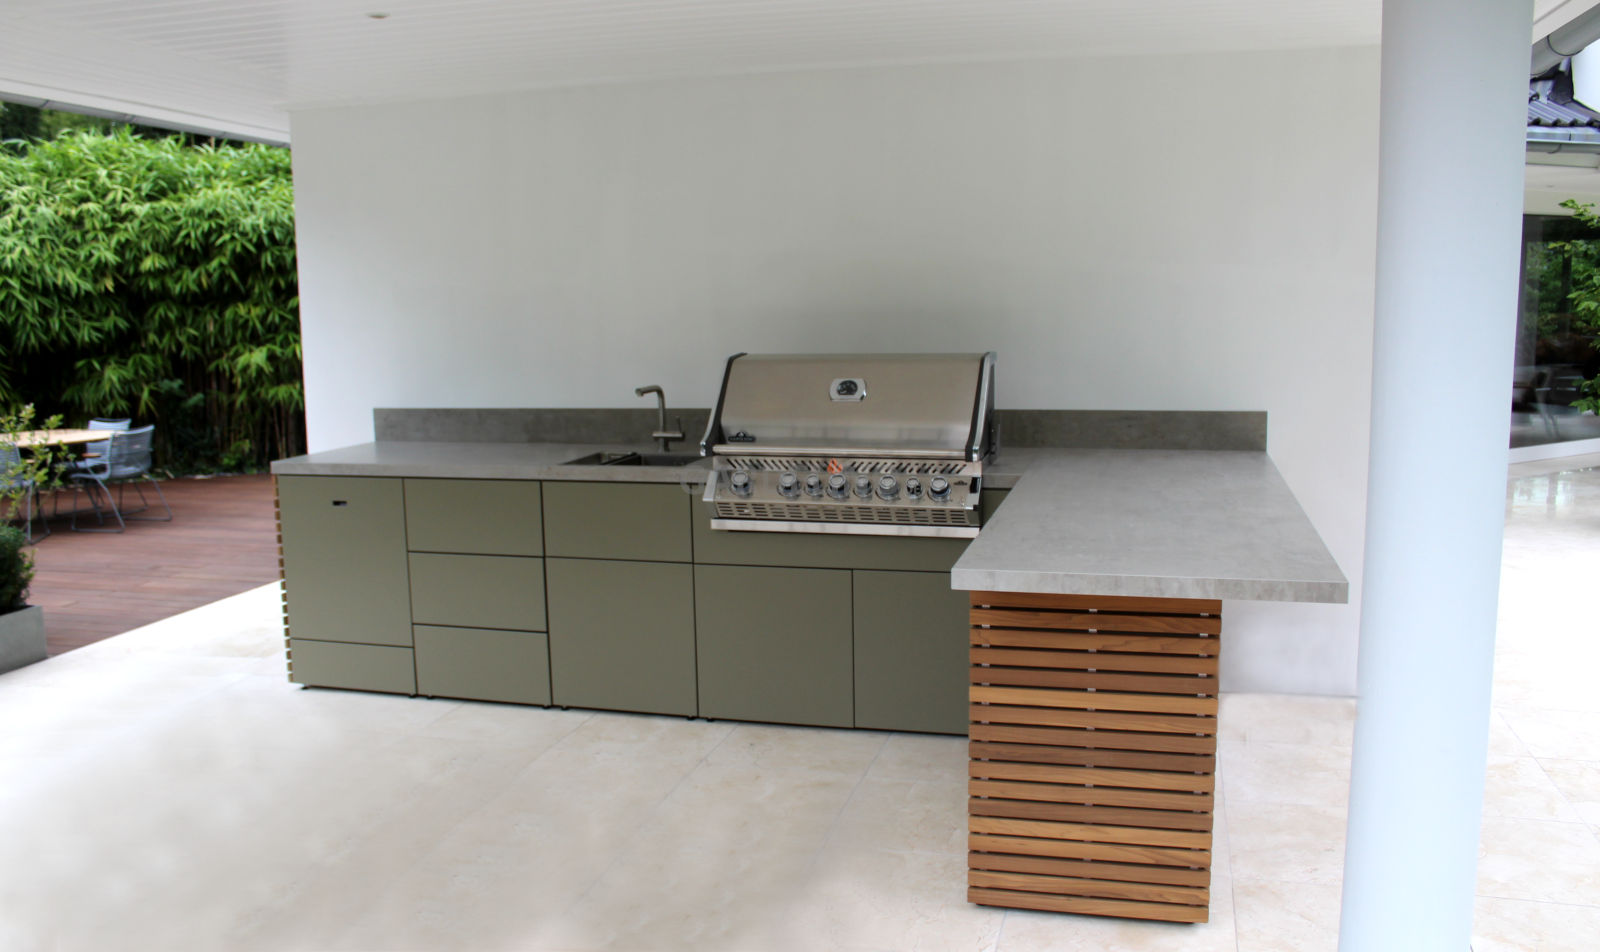 Outdoor Küchen Plan : Outdoorküchen systeme für den außenbereich